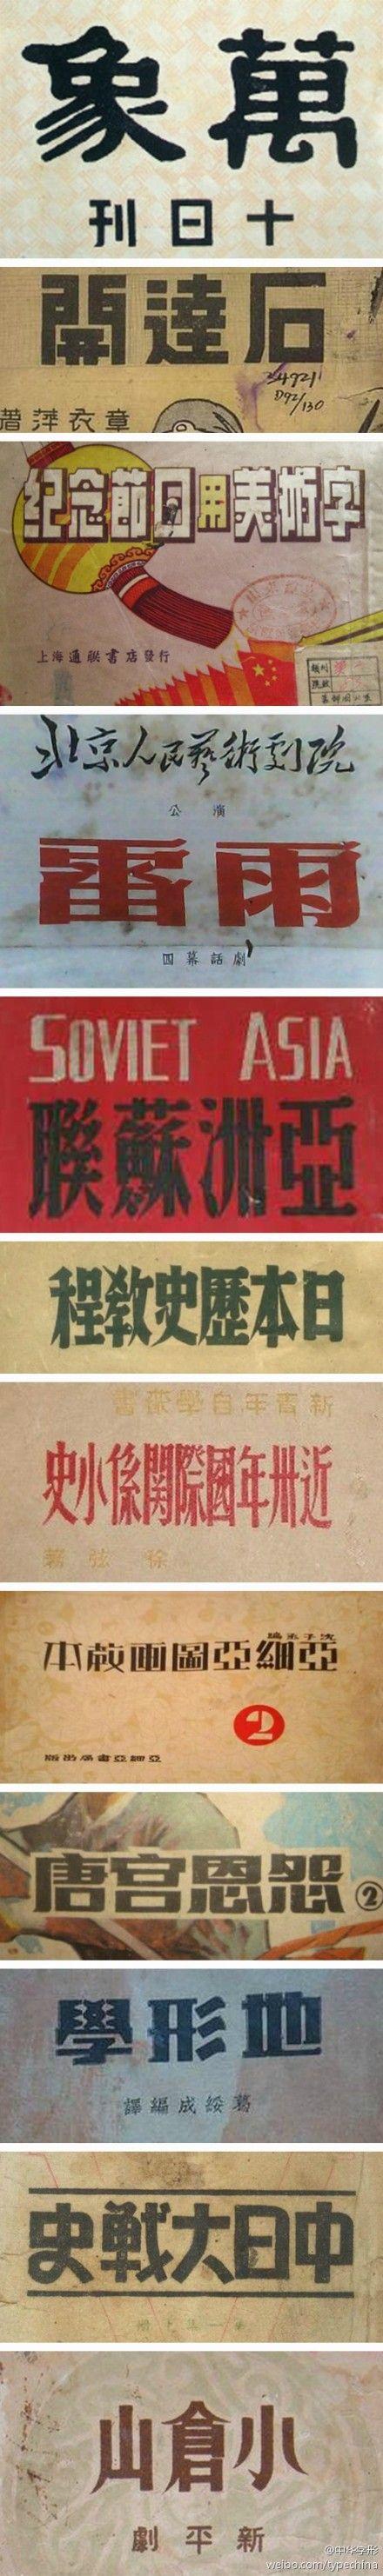 一组旧书刊封面的老字形,标题字形是一本书籍最先跃入观者眼帘的,一款设计感强烈的字形能给读者以视觉享受